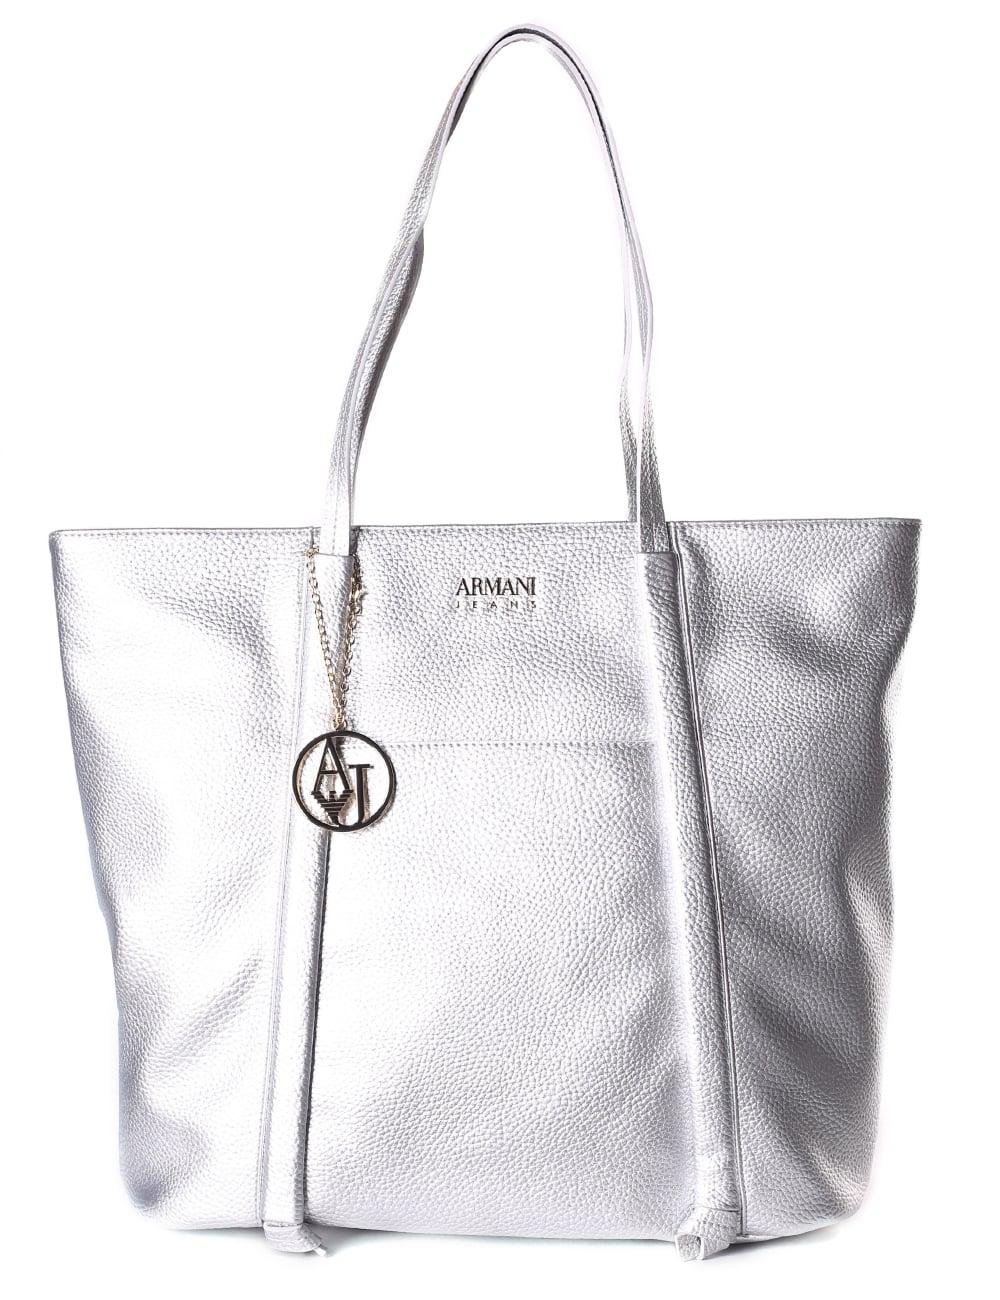 Armani Jeans Women s Large Shopper Bag 3a1171b0bb8b0